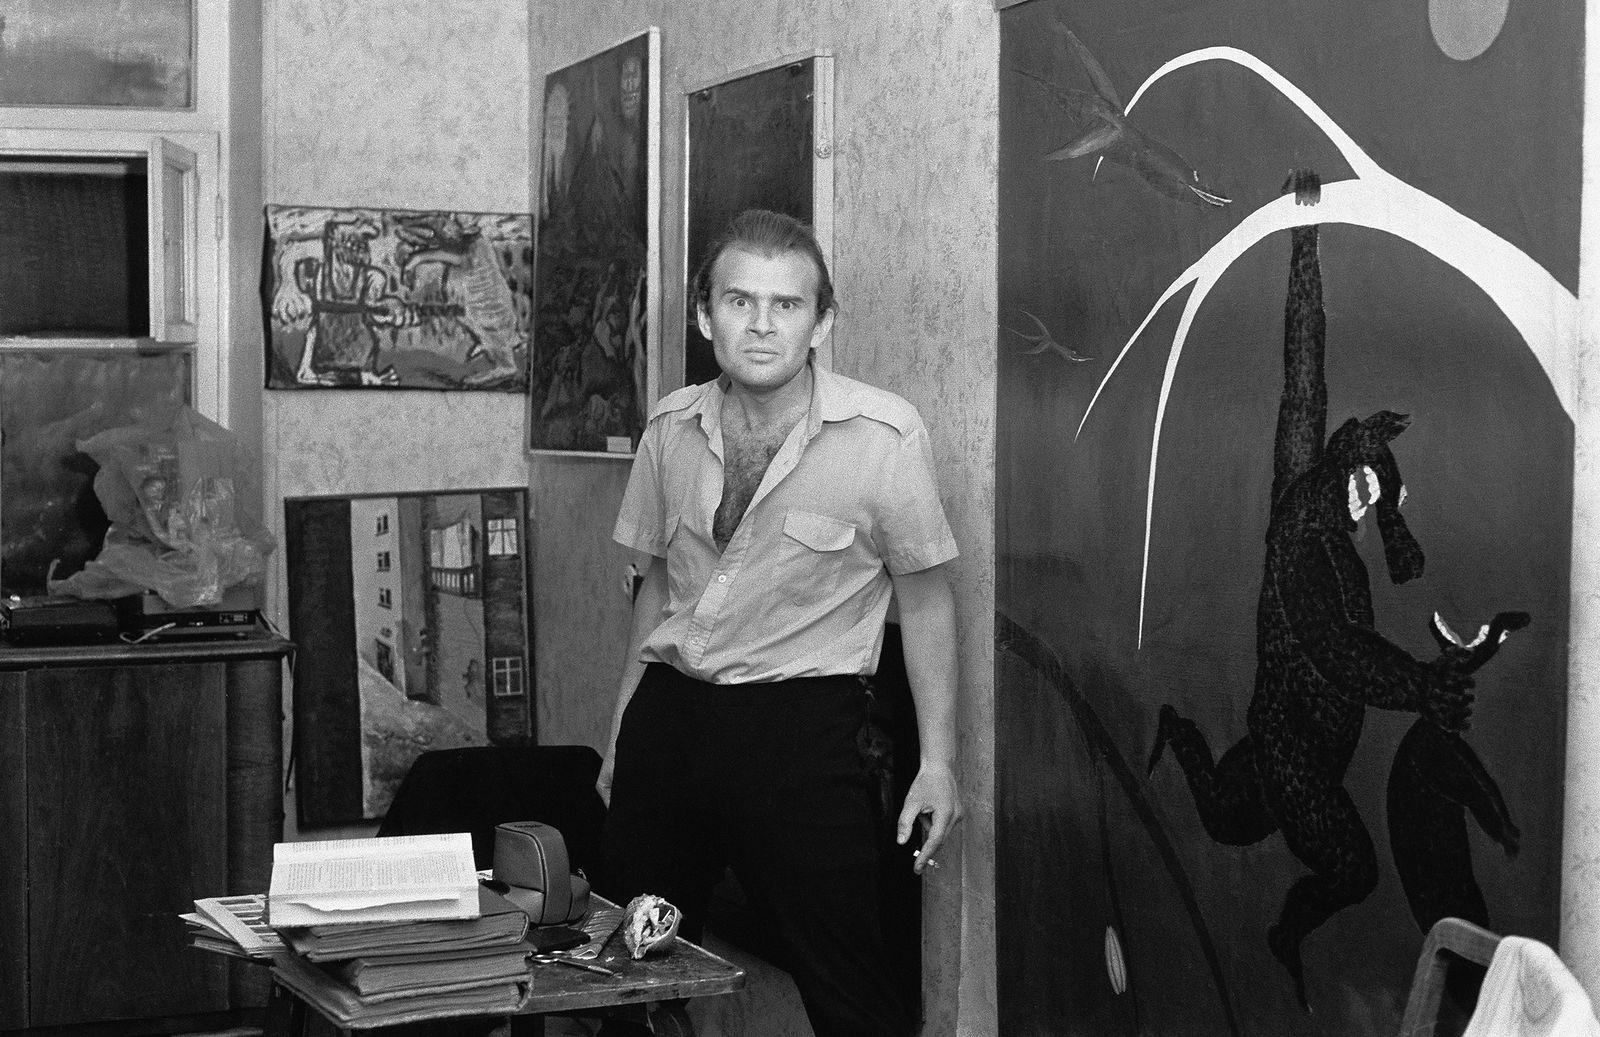 Андрей Безукладников. Совриск. Евгений Юфит. Ленинград. 1986